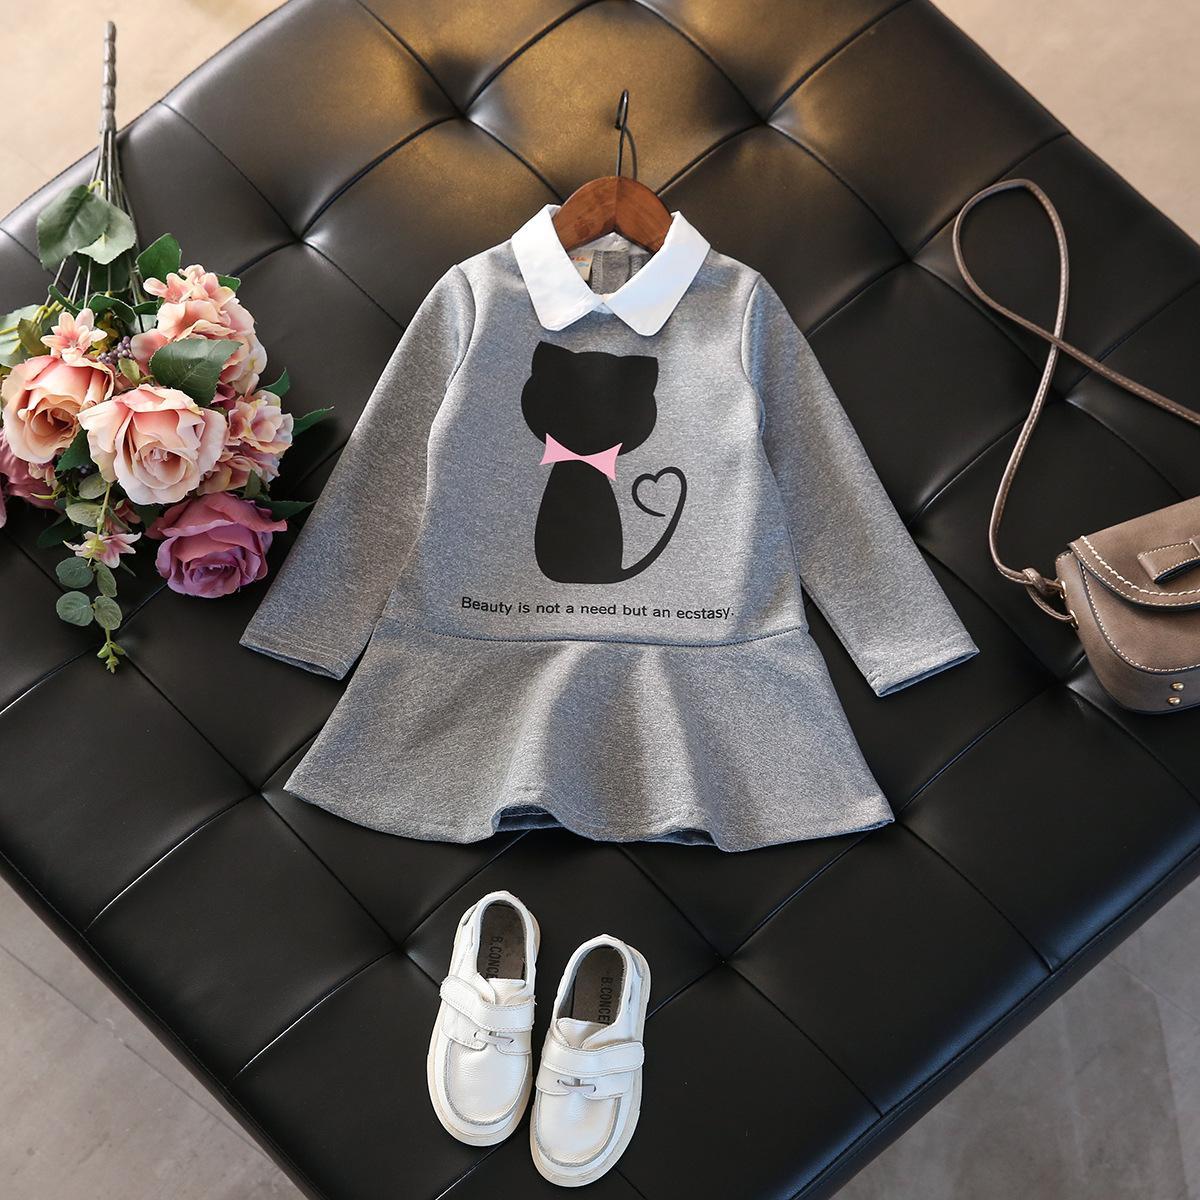 Yeni Sonbahar Çocuklar Kızlar için Elbiseler Pamuk Uzun Kollu Kız Elbise Karikatür Kedi Çocuk Elbise Moda Kız Giyim Güz 2017